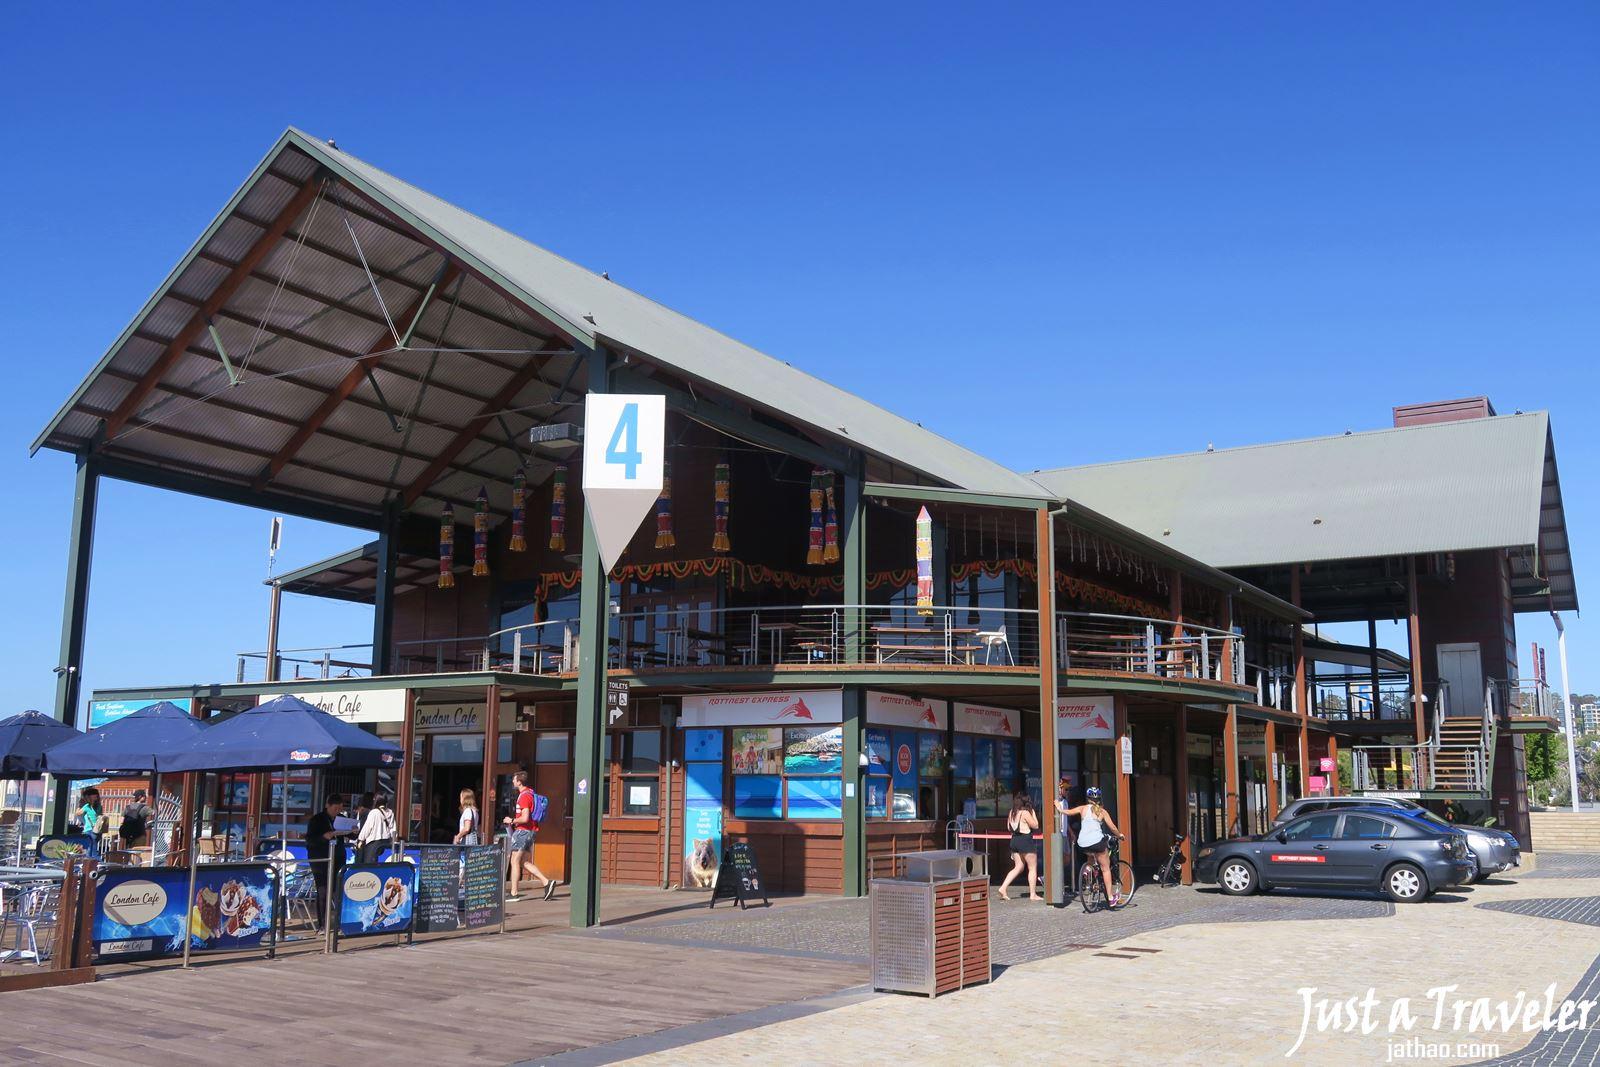 澳洲-西澳-伯斯-景點-羅特尼斯島-Rottnest Island-渡輪港口-推薦-自由行-交通-旅遊-遊記-攻略-行程-一日遊-二日遊-必玩-必遊-Perth